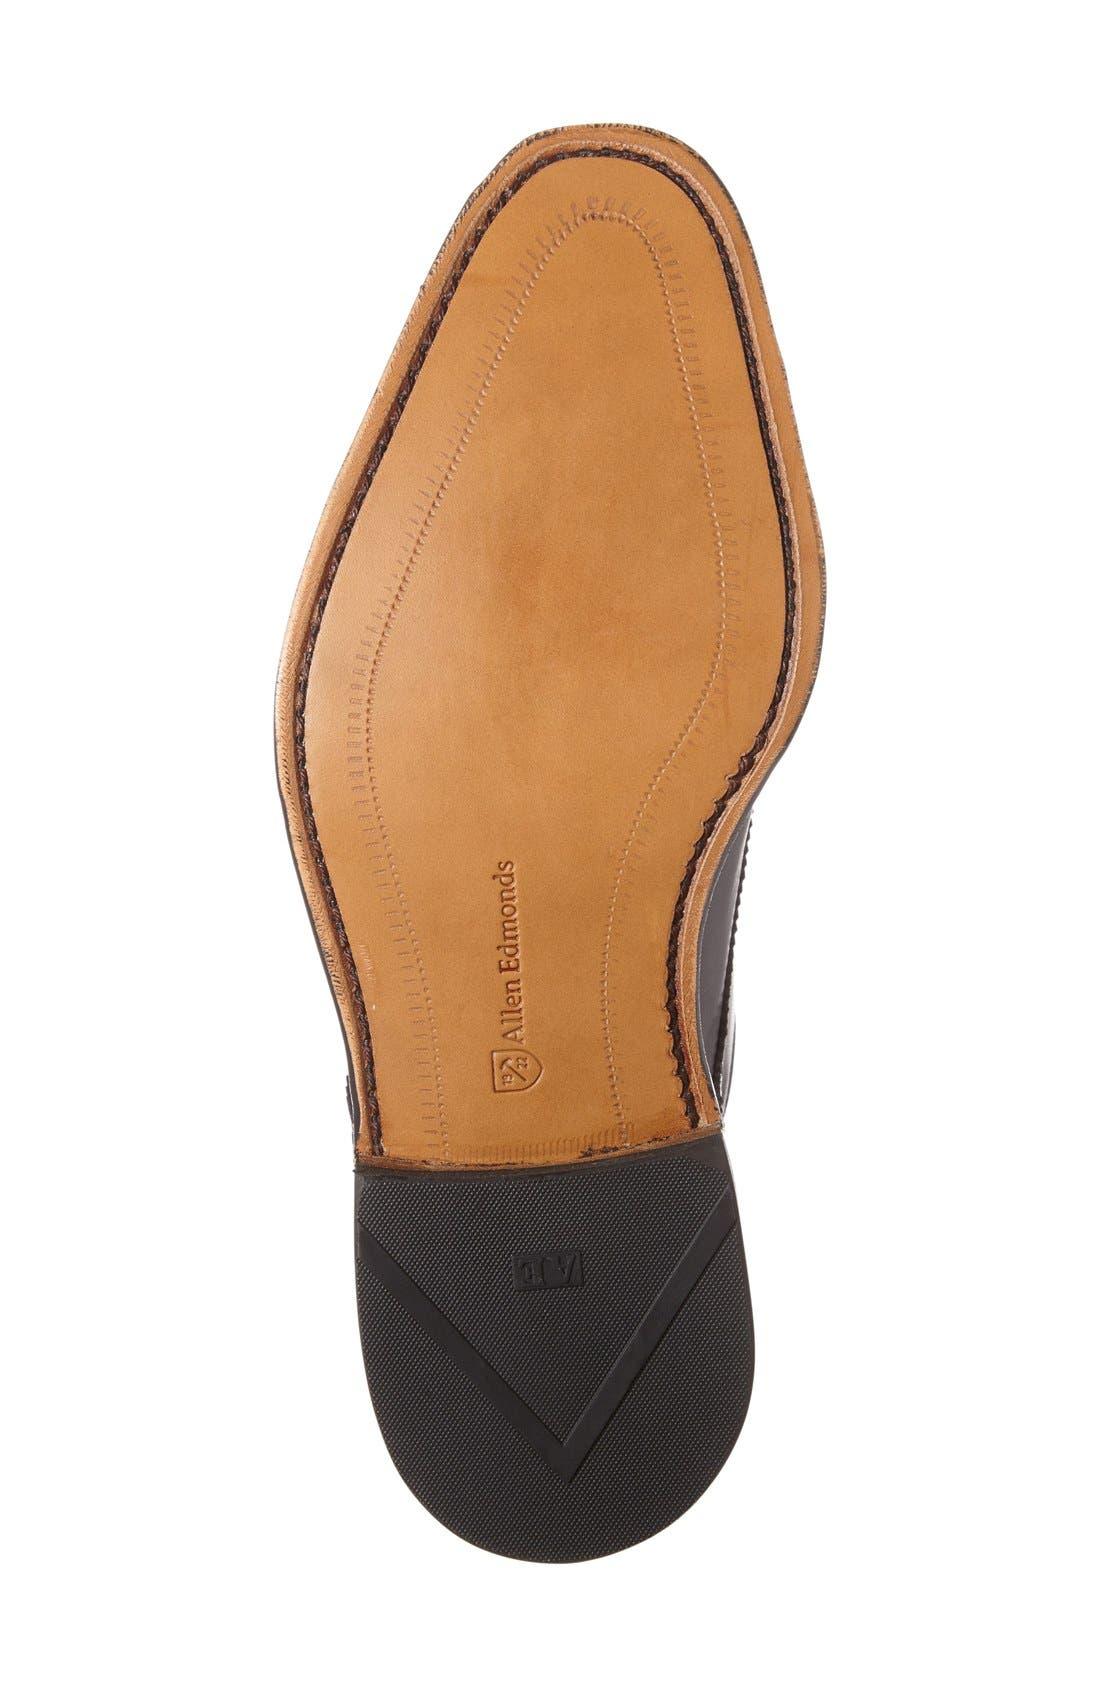 Alternate Image 4  - Allen Edmonds 'St. Johns' Double Monk Strap Shoe (Men)